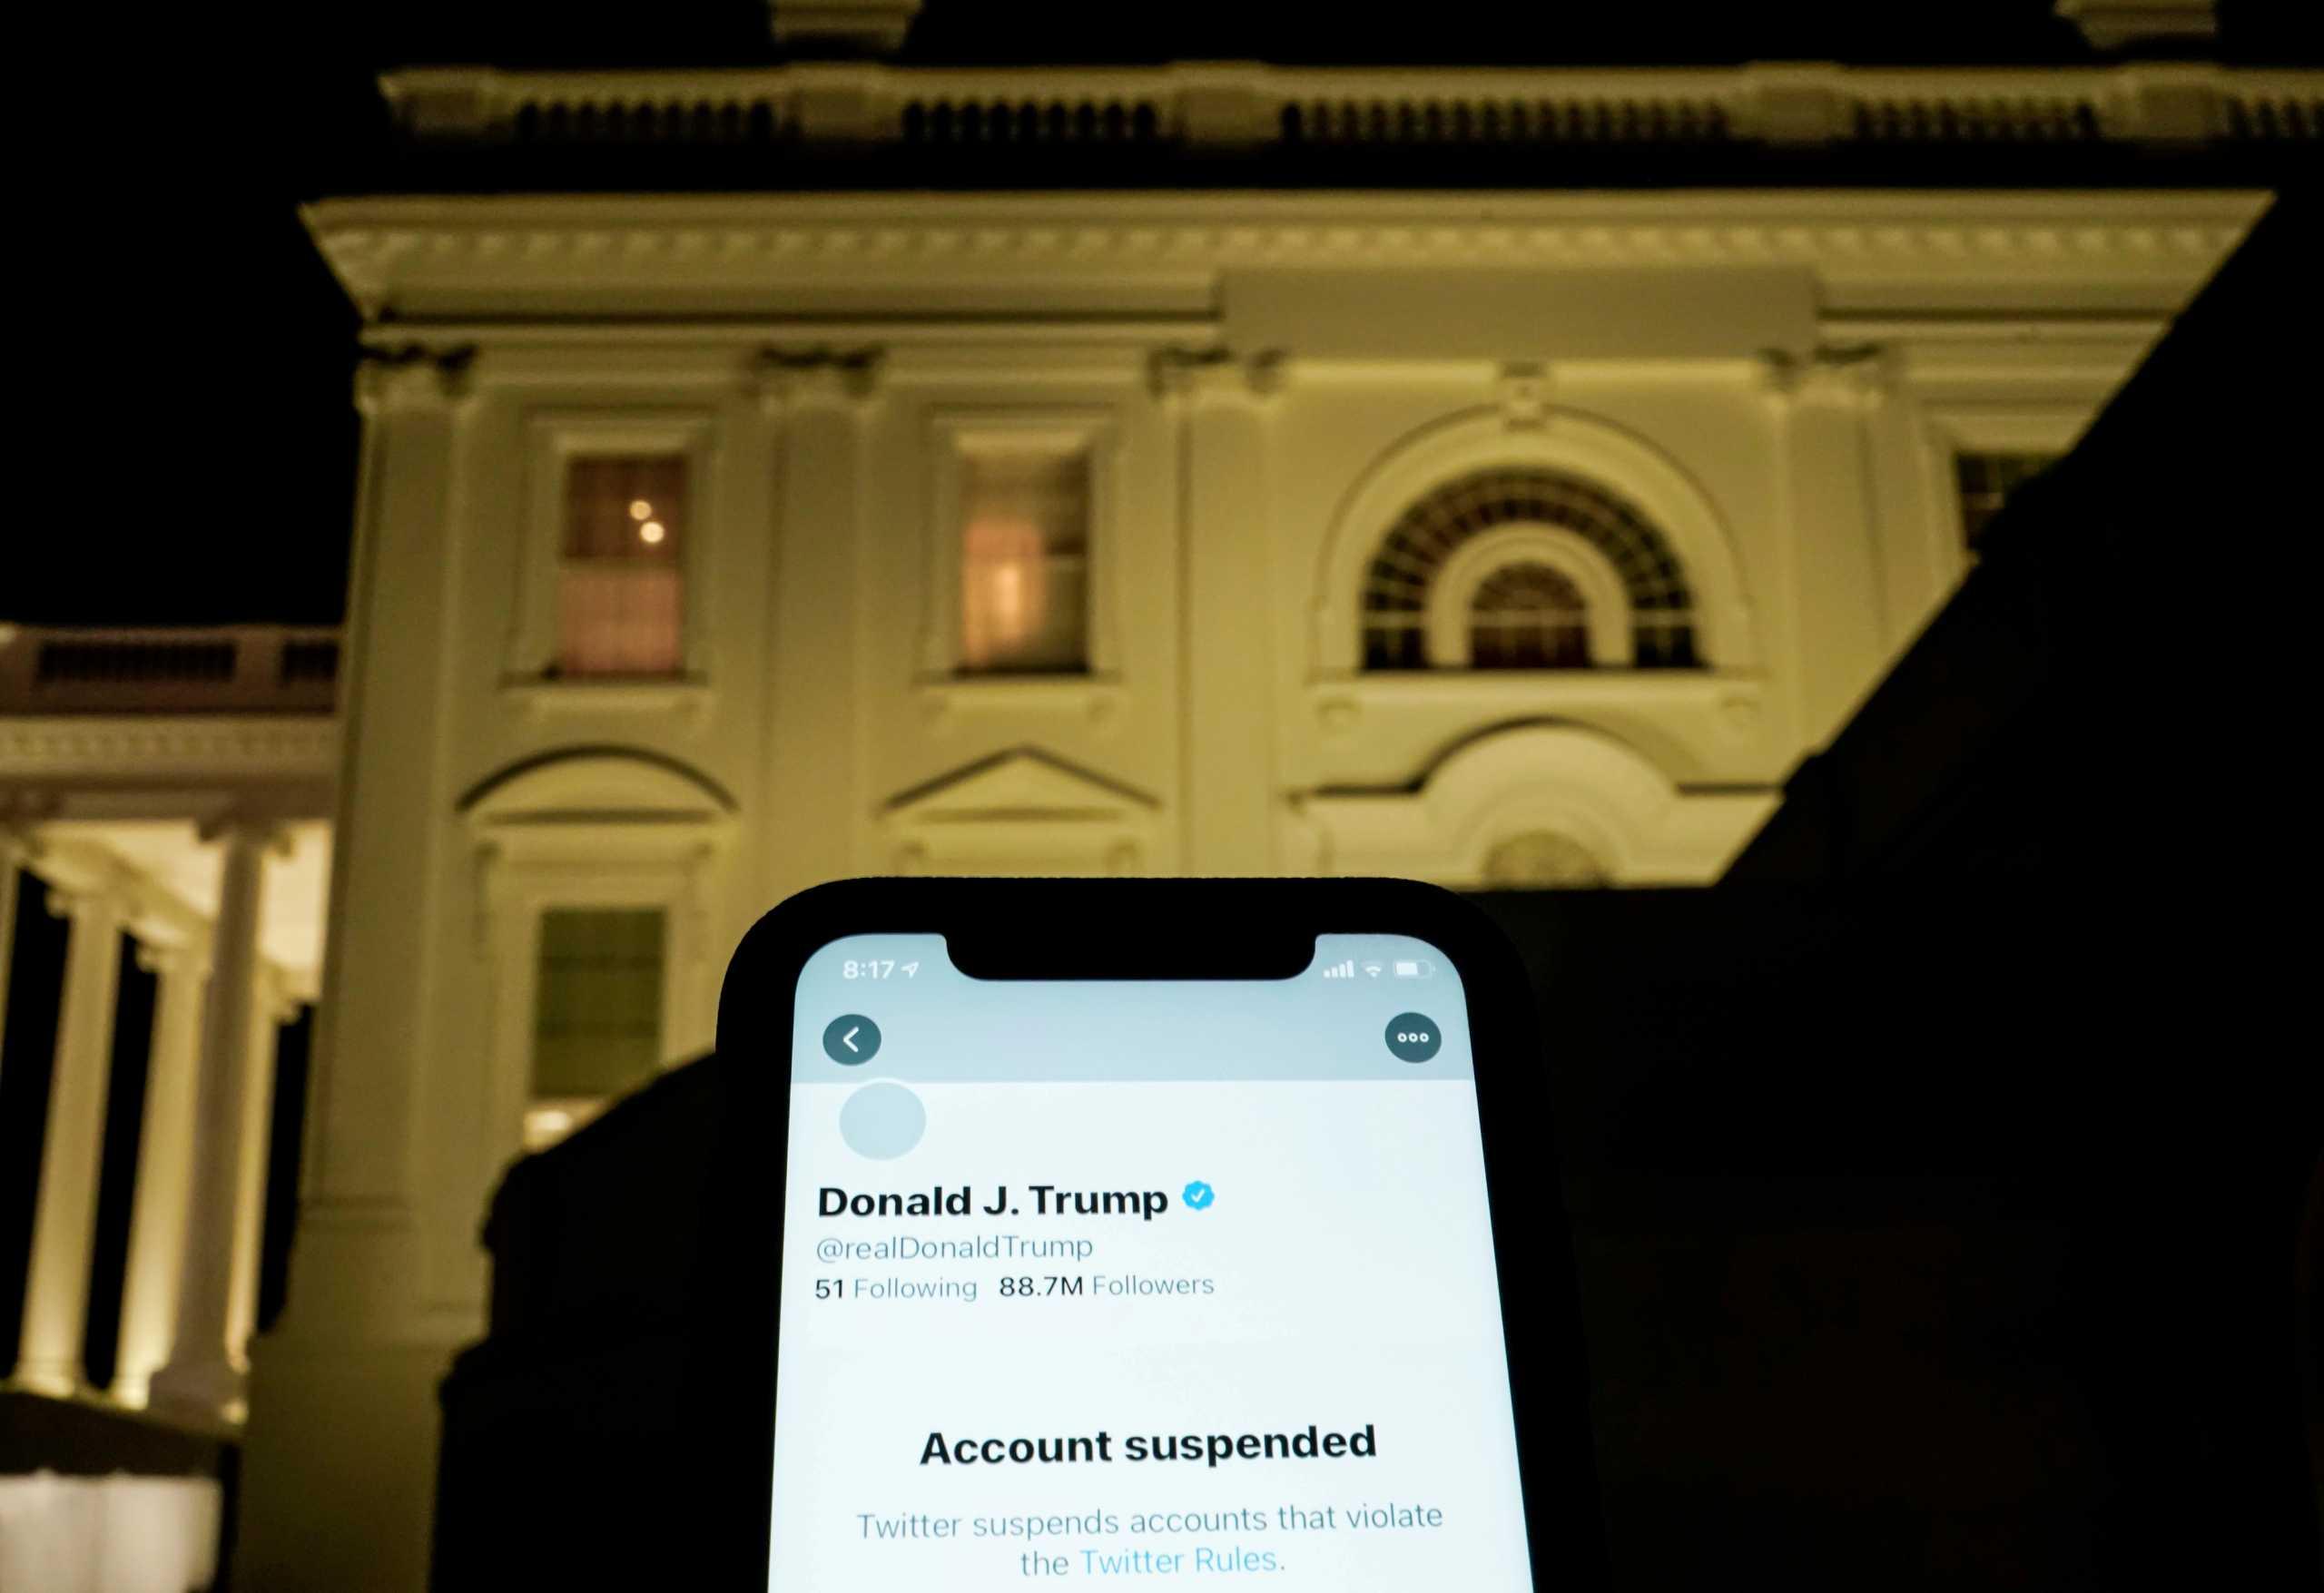 ΗΠΑ: Το Ανώτατο Δικαστήριο αρνήθηκε να εξετάσει τον «αποκλεισμό» επικριτών του Τραμπ στο Twitter